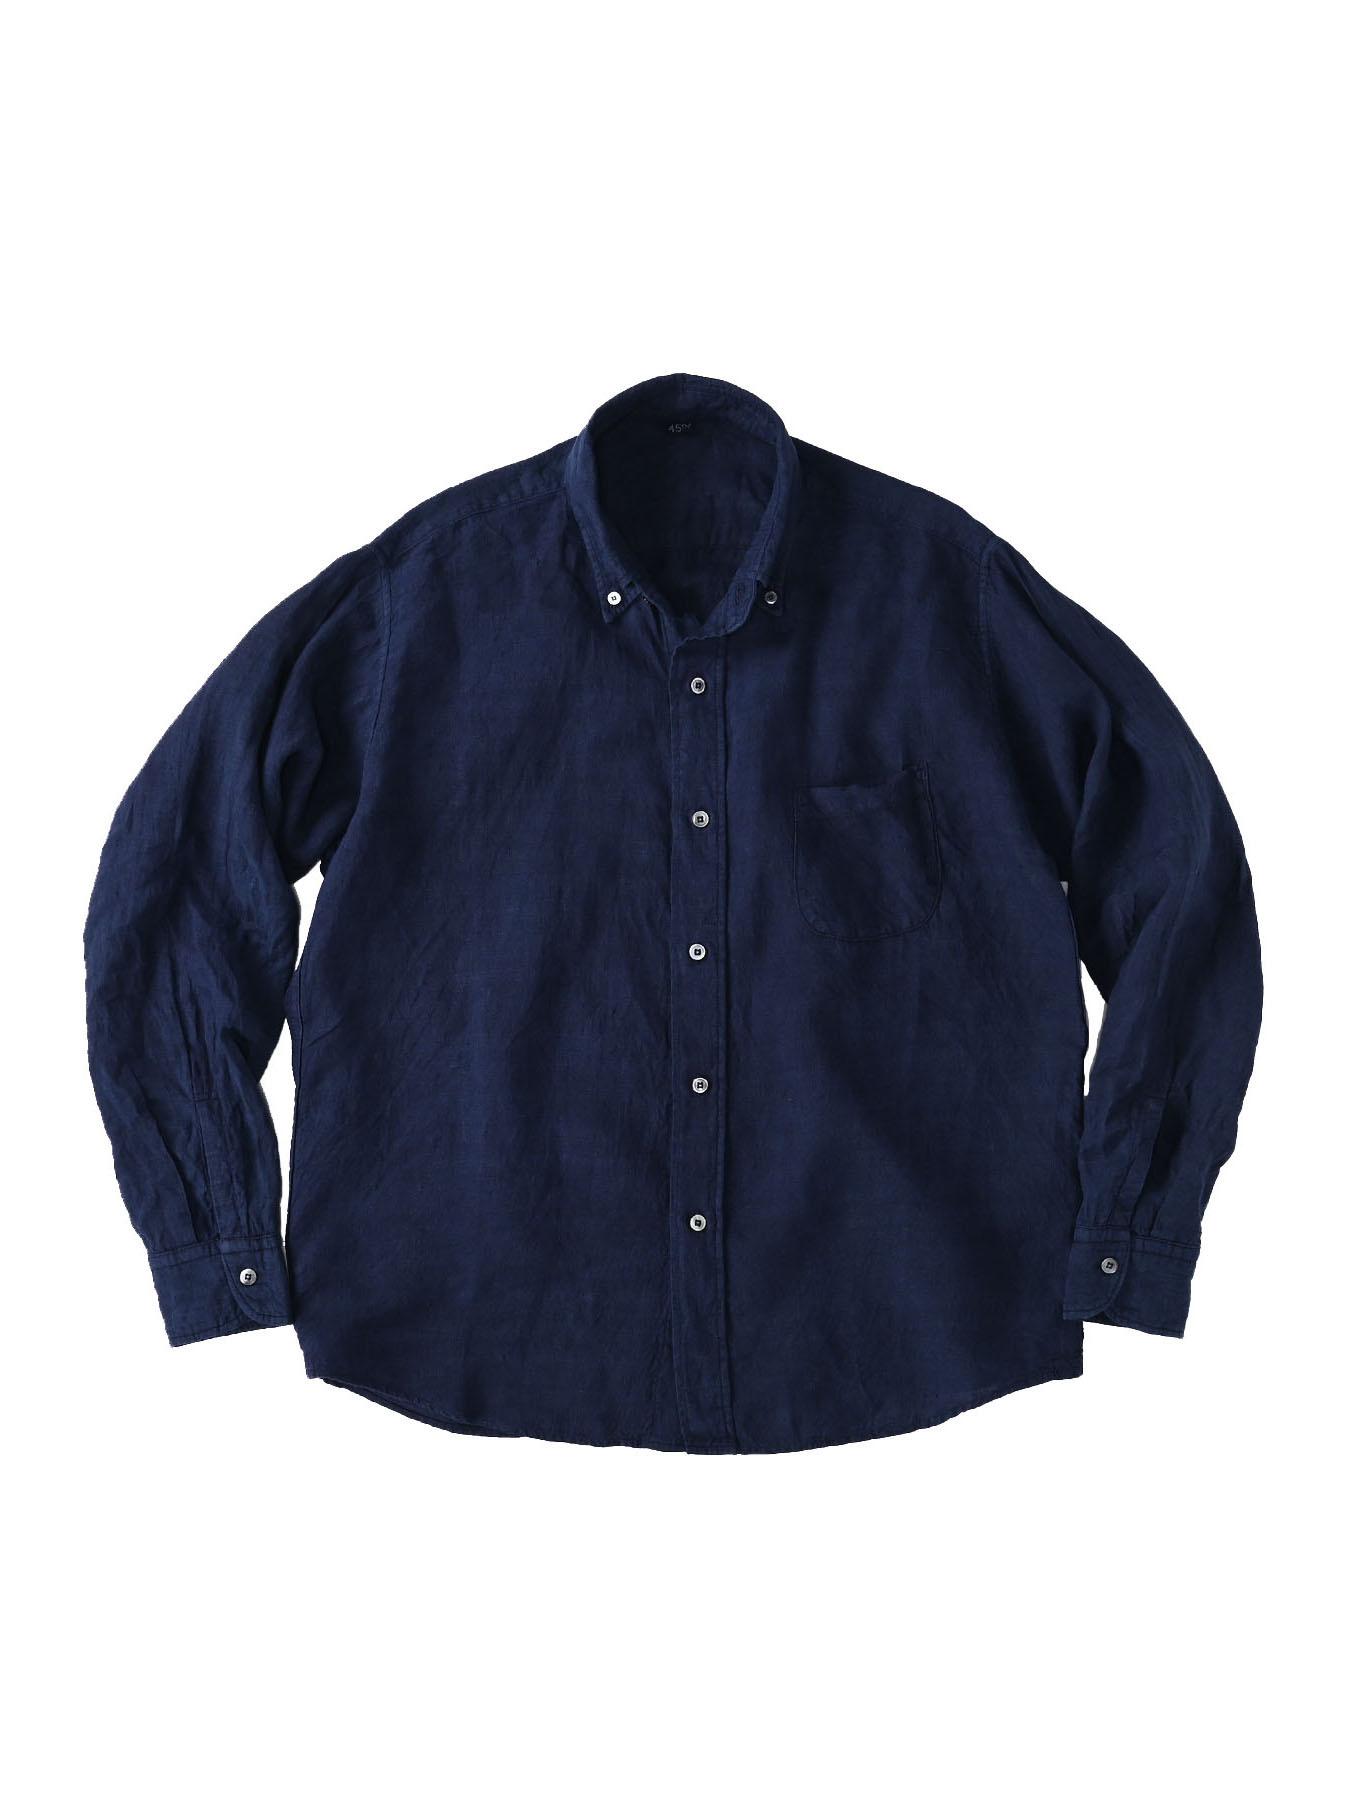 Indigo Indian Linen Flat 908 Ocean Shirt (0521)-1